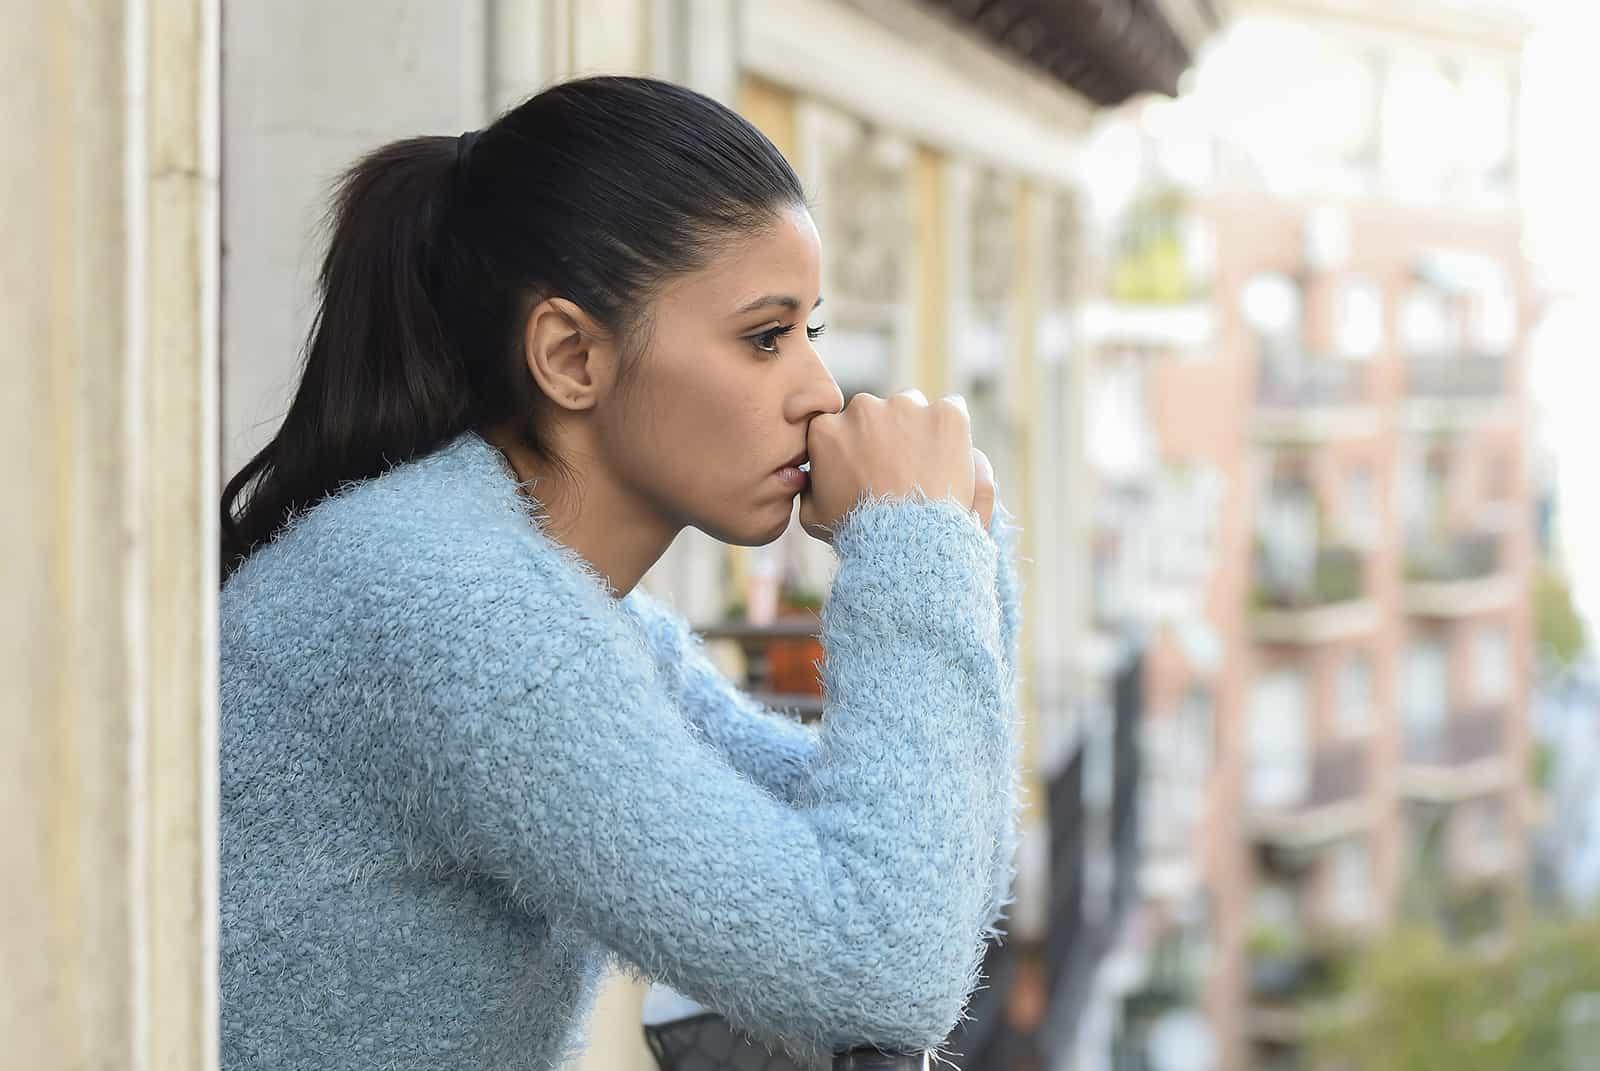 eine traurige Frau, die beim Nachdenken auf dem Balkon steht